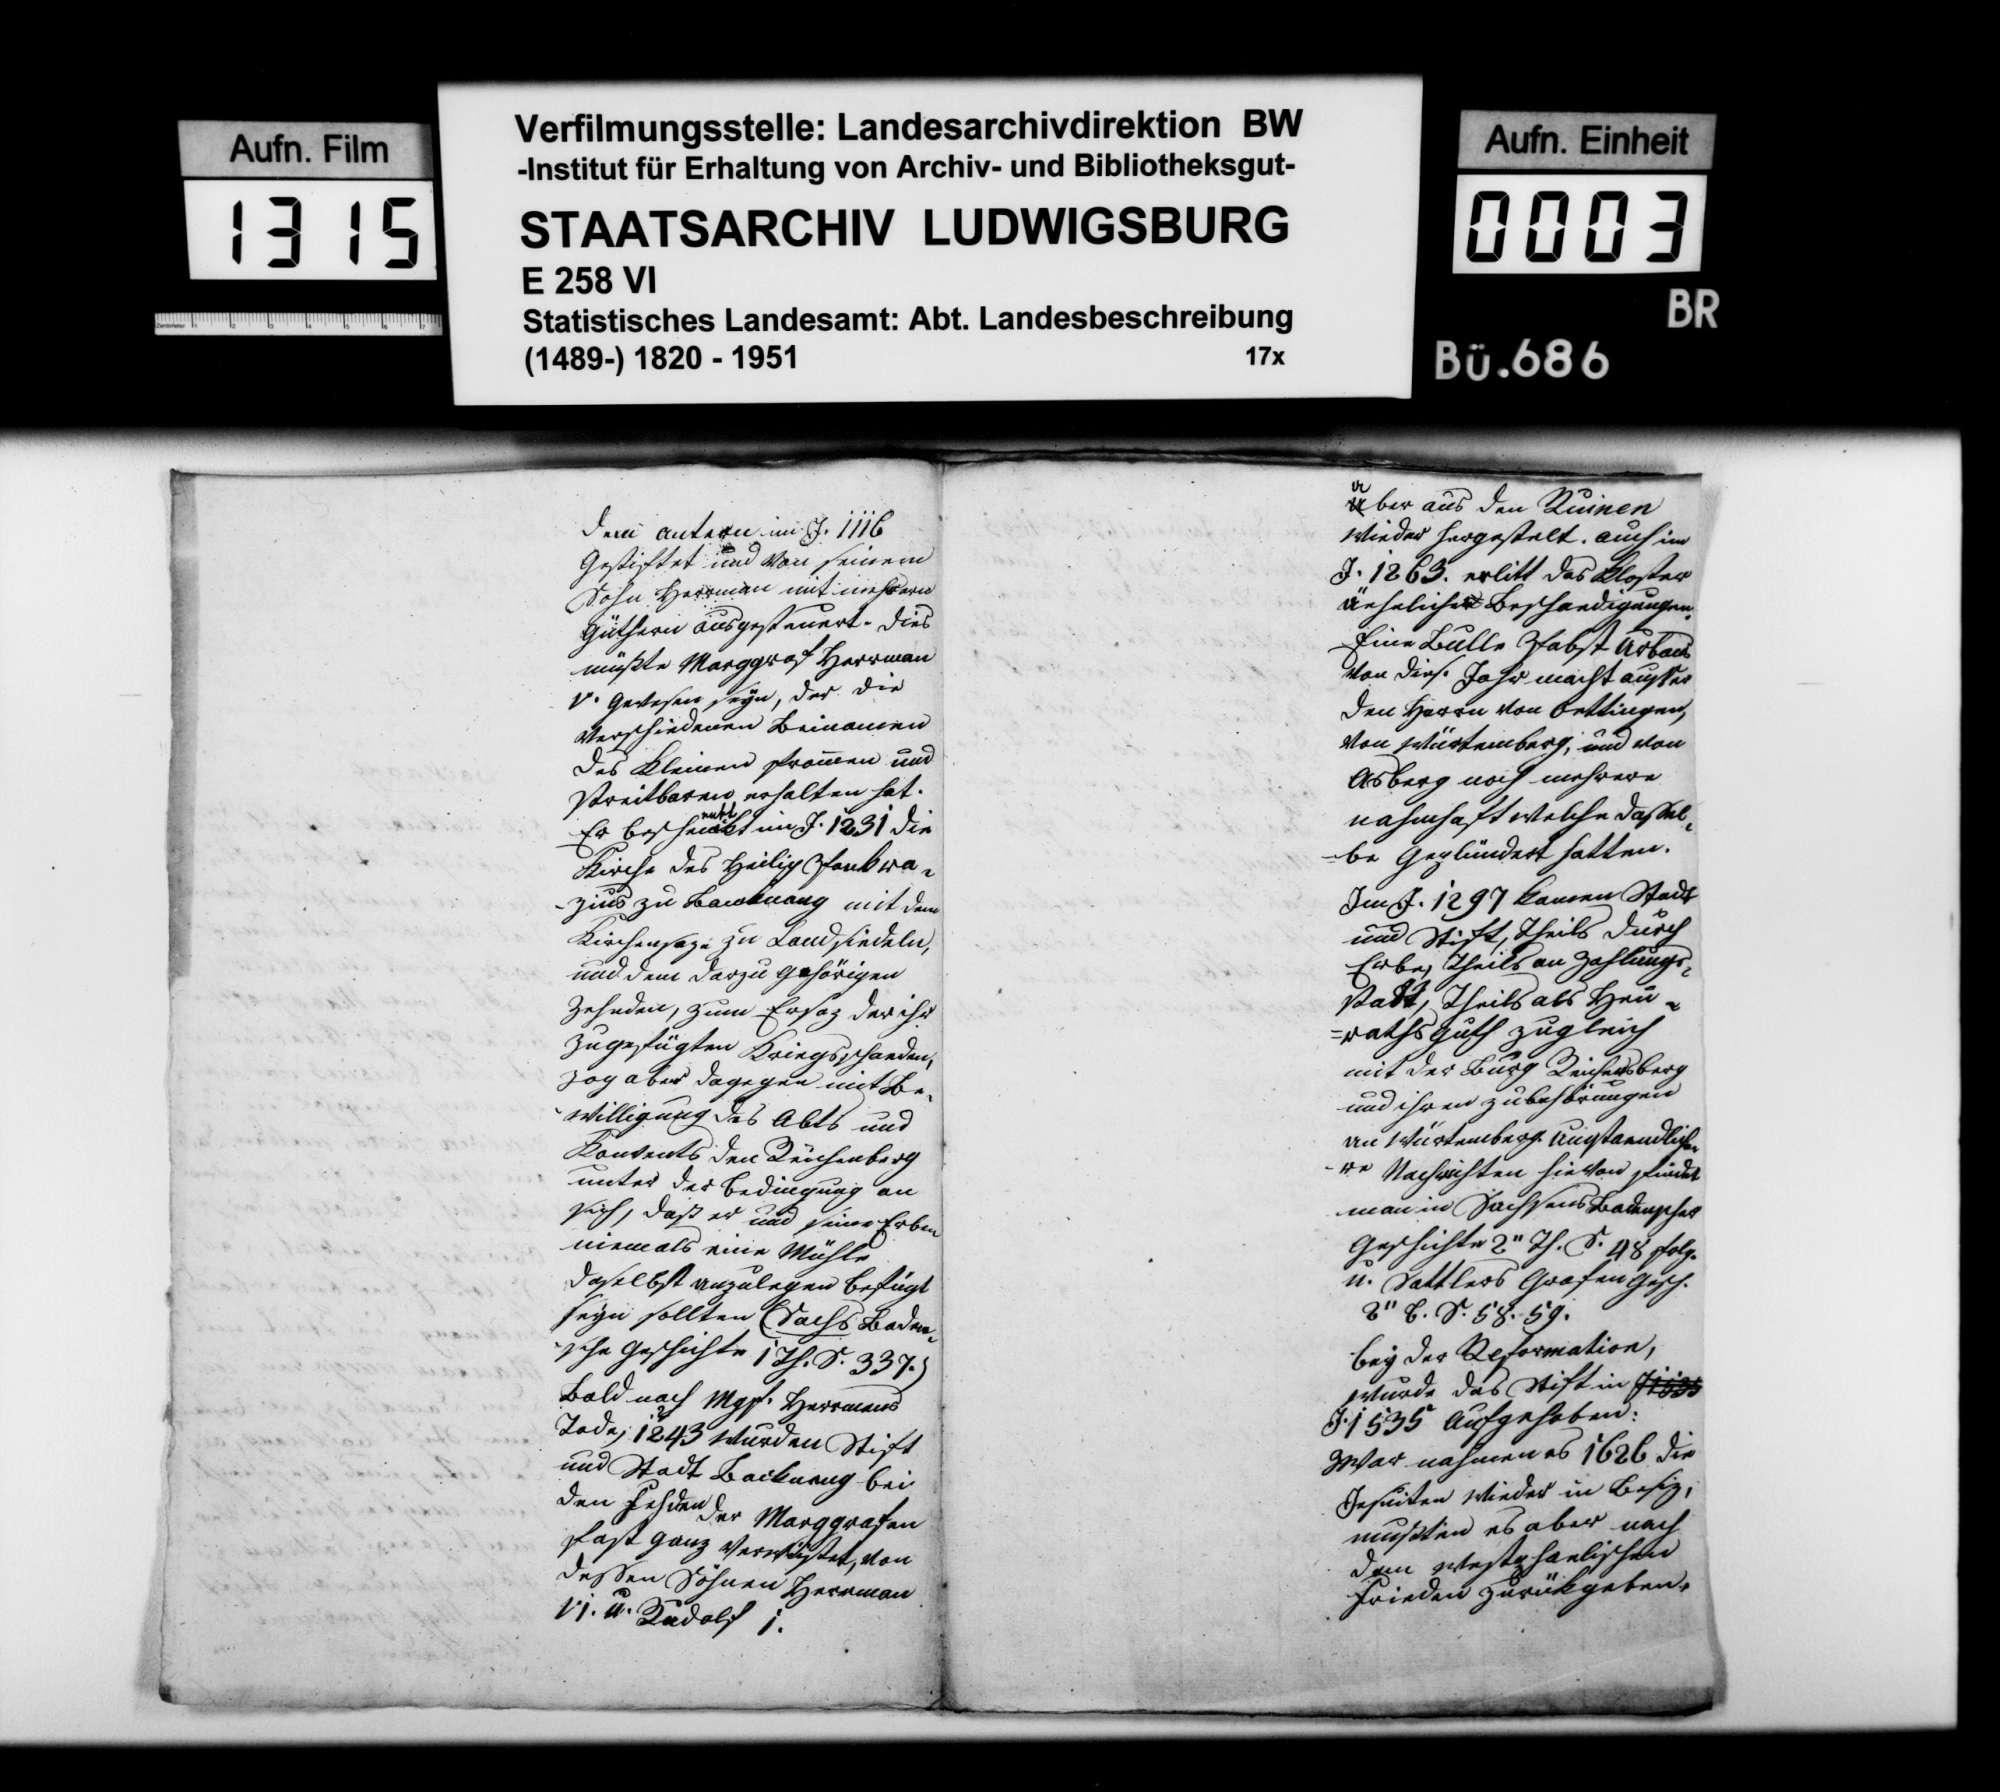 Beschreibung und Geschichte von Backnang und Ebersberg, vermutlich von Regierungsrat Büttner, Bild 2